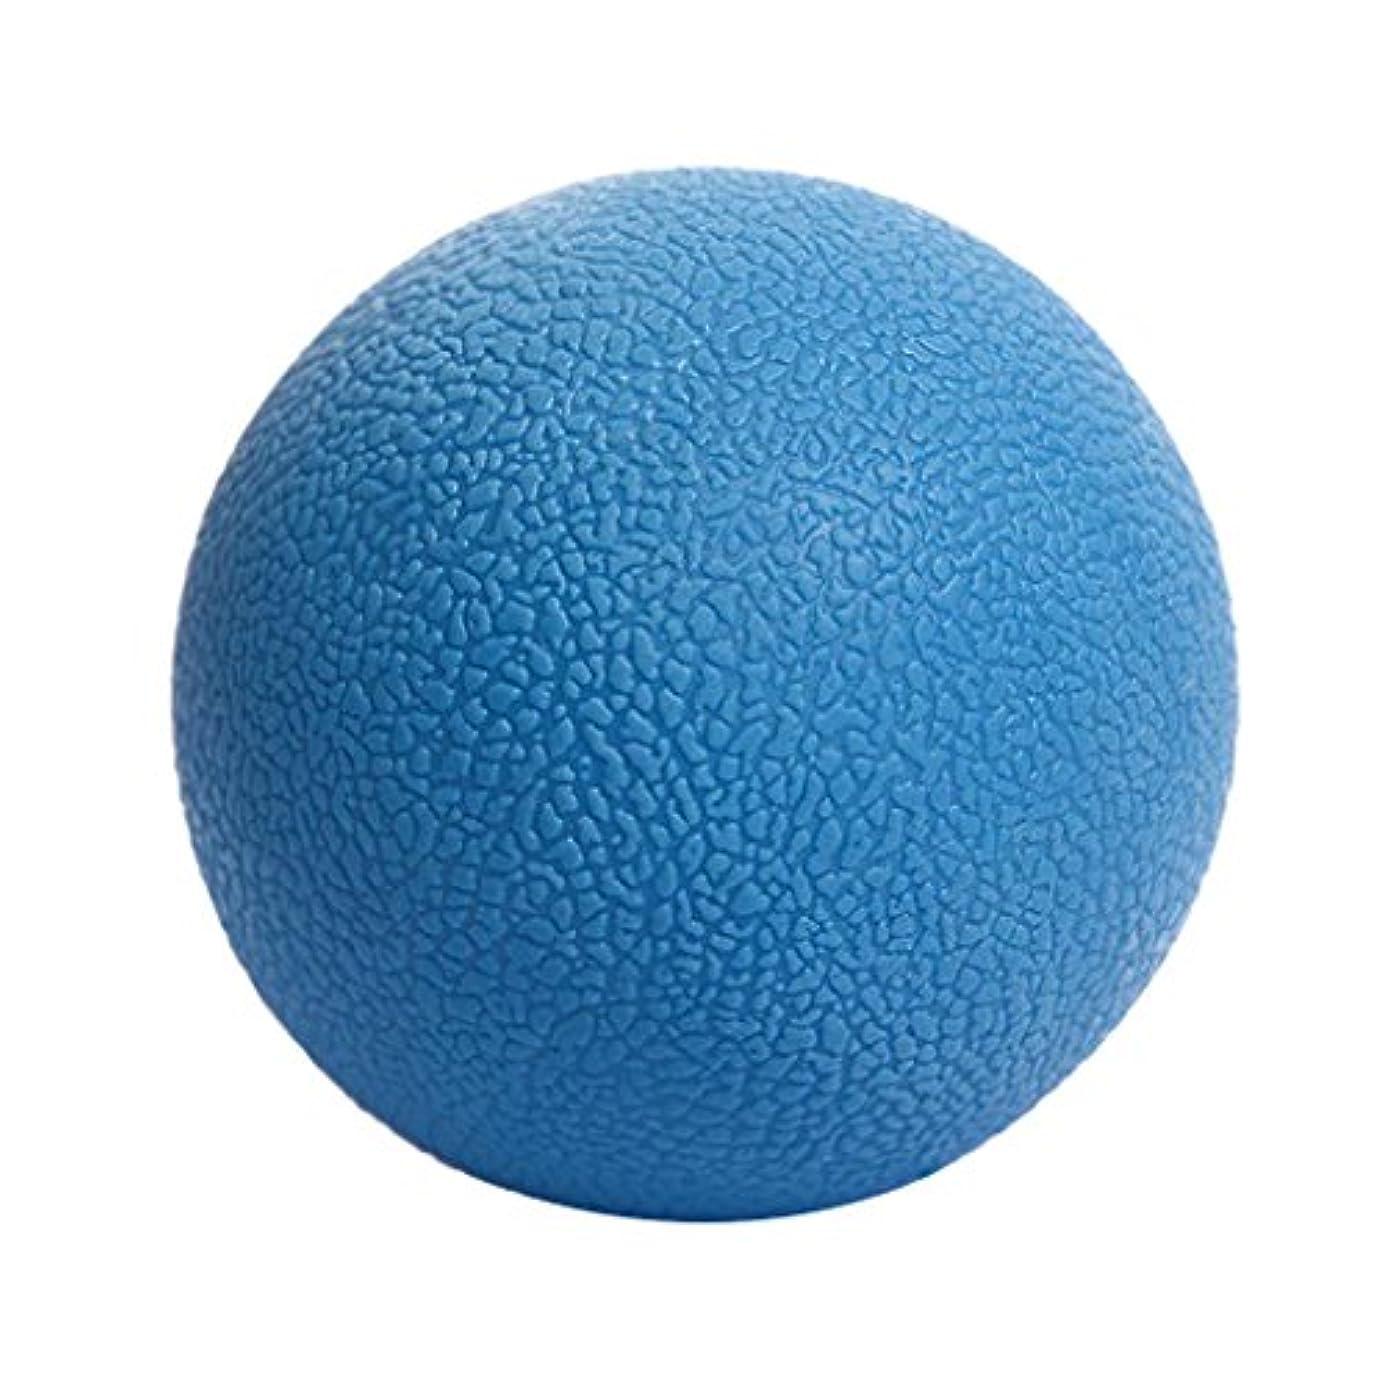 きらきら一握りマットBaoblaze マッサージボール ボディーマッサージ 便利 TPE ヨガ ピラティス 4色選べる - 青